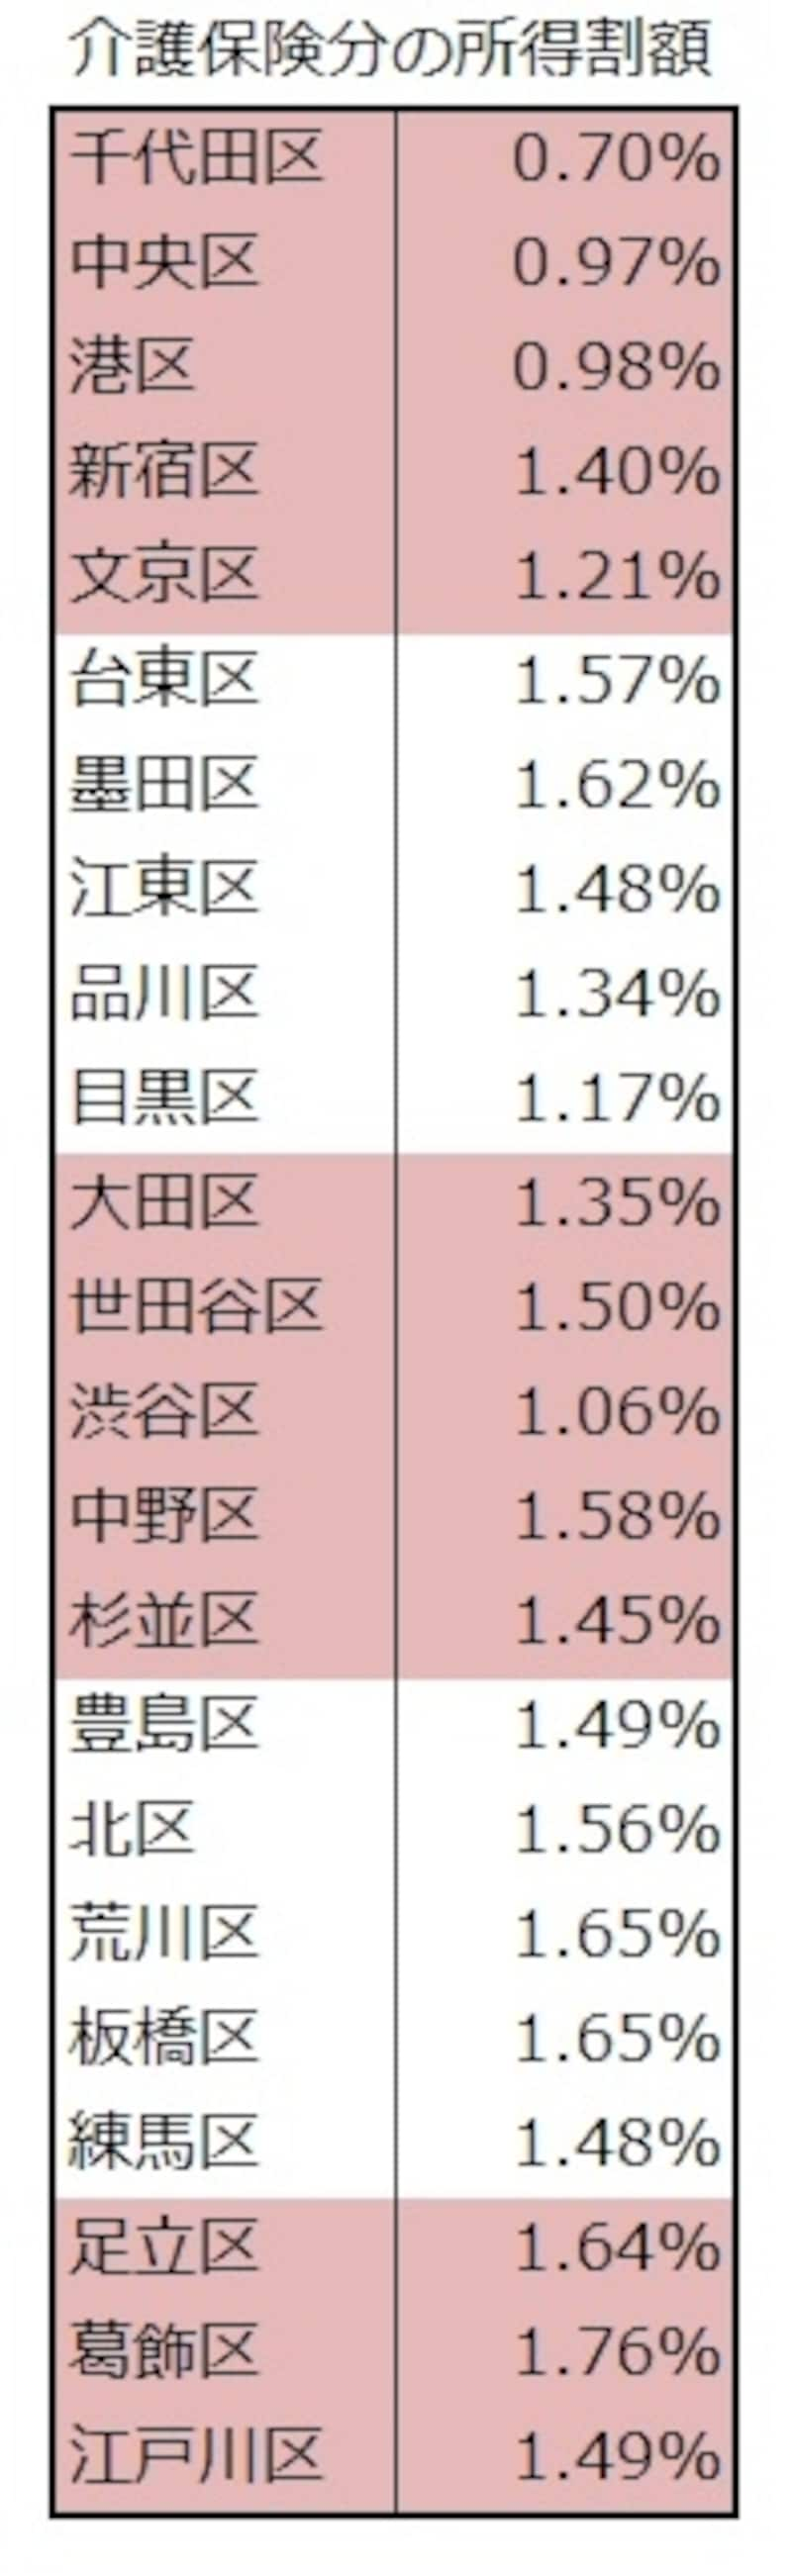 東京都23区 各区の介護分の所得割料率